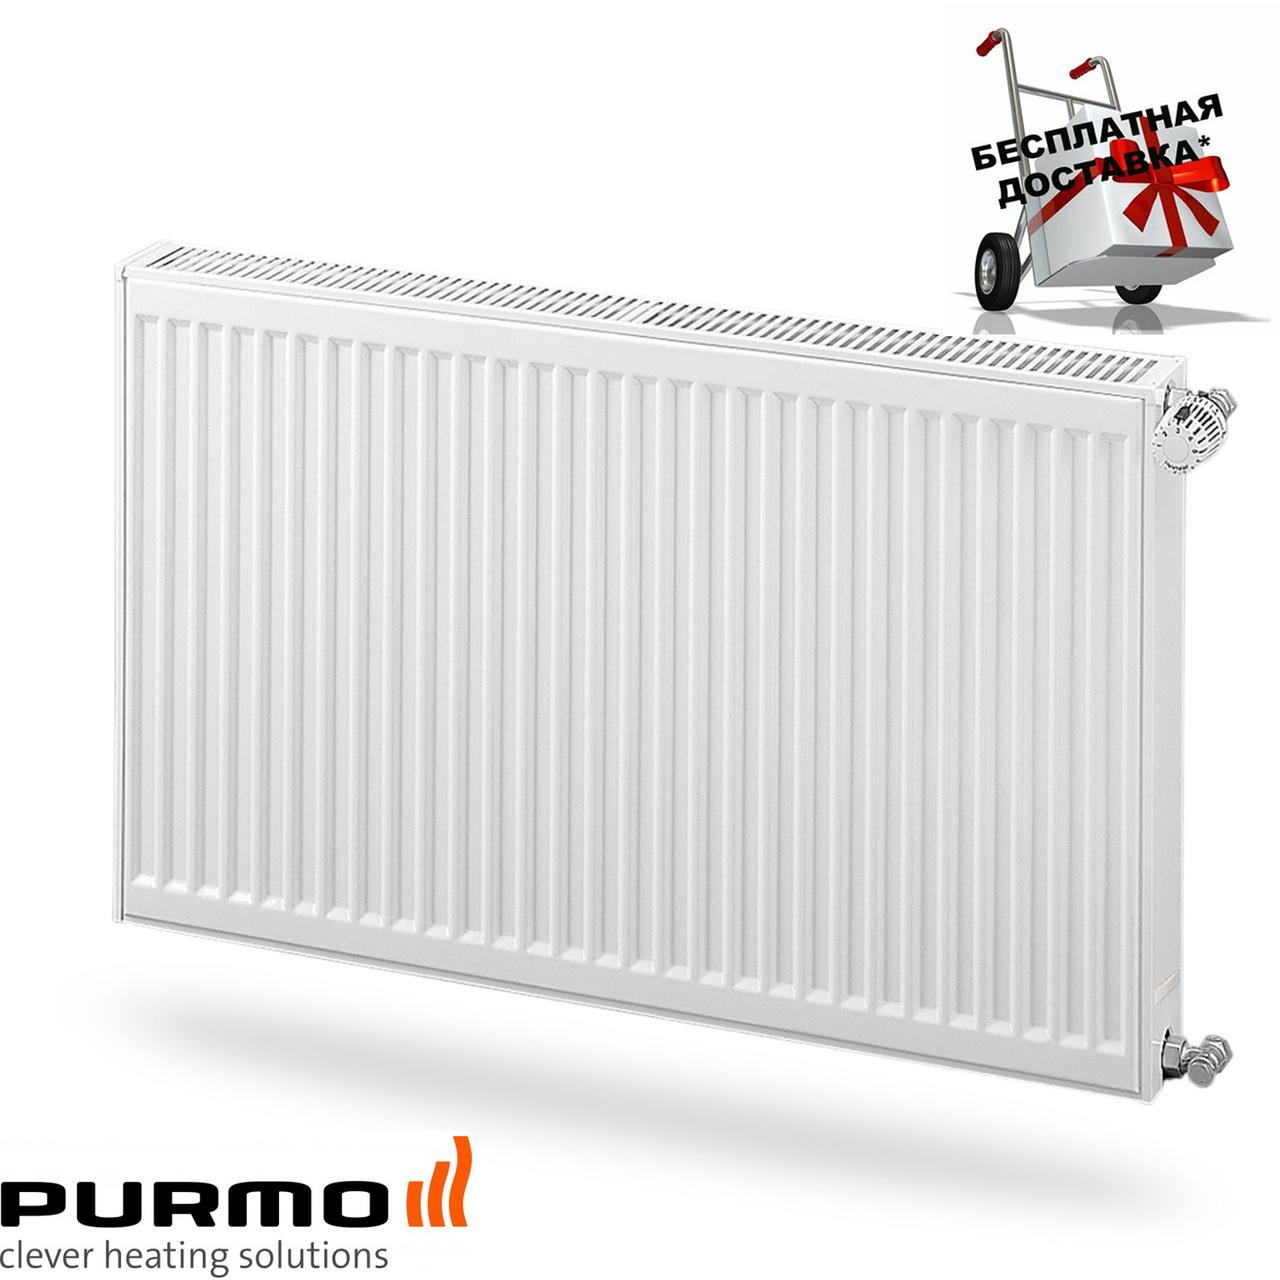 Стальной (панельный) радиатор PURMO Compact т22 300x1200 боковое подключение